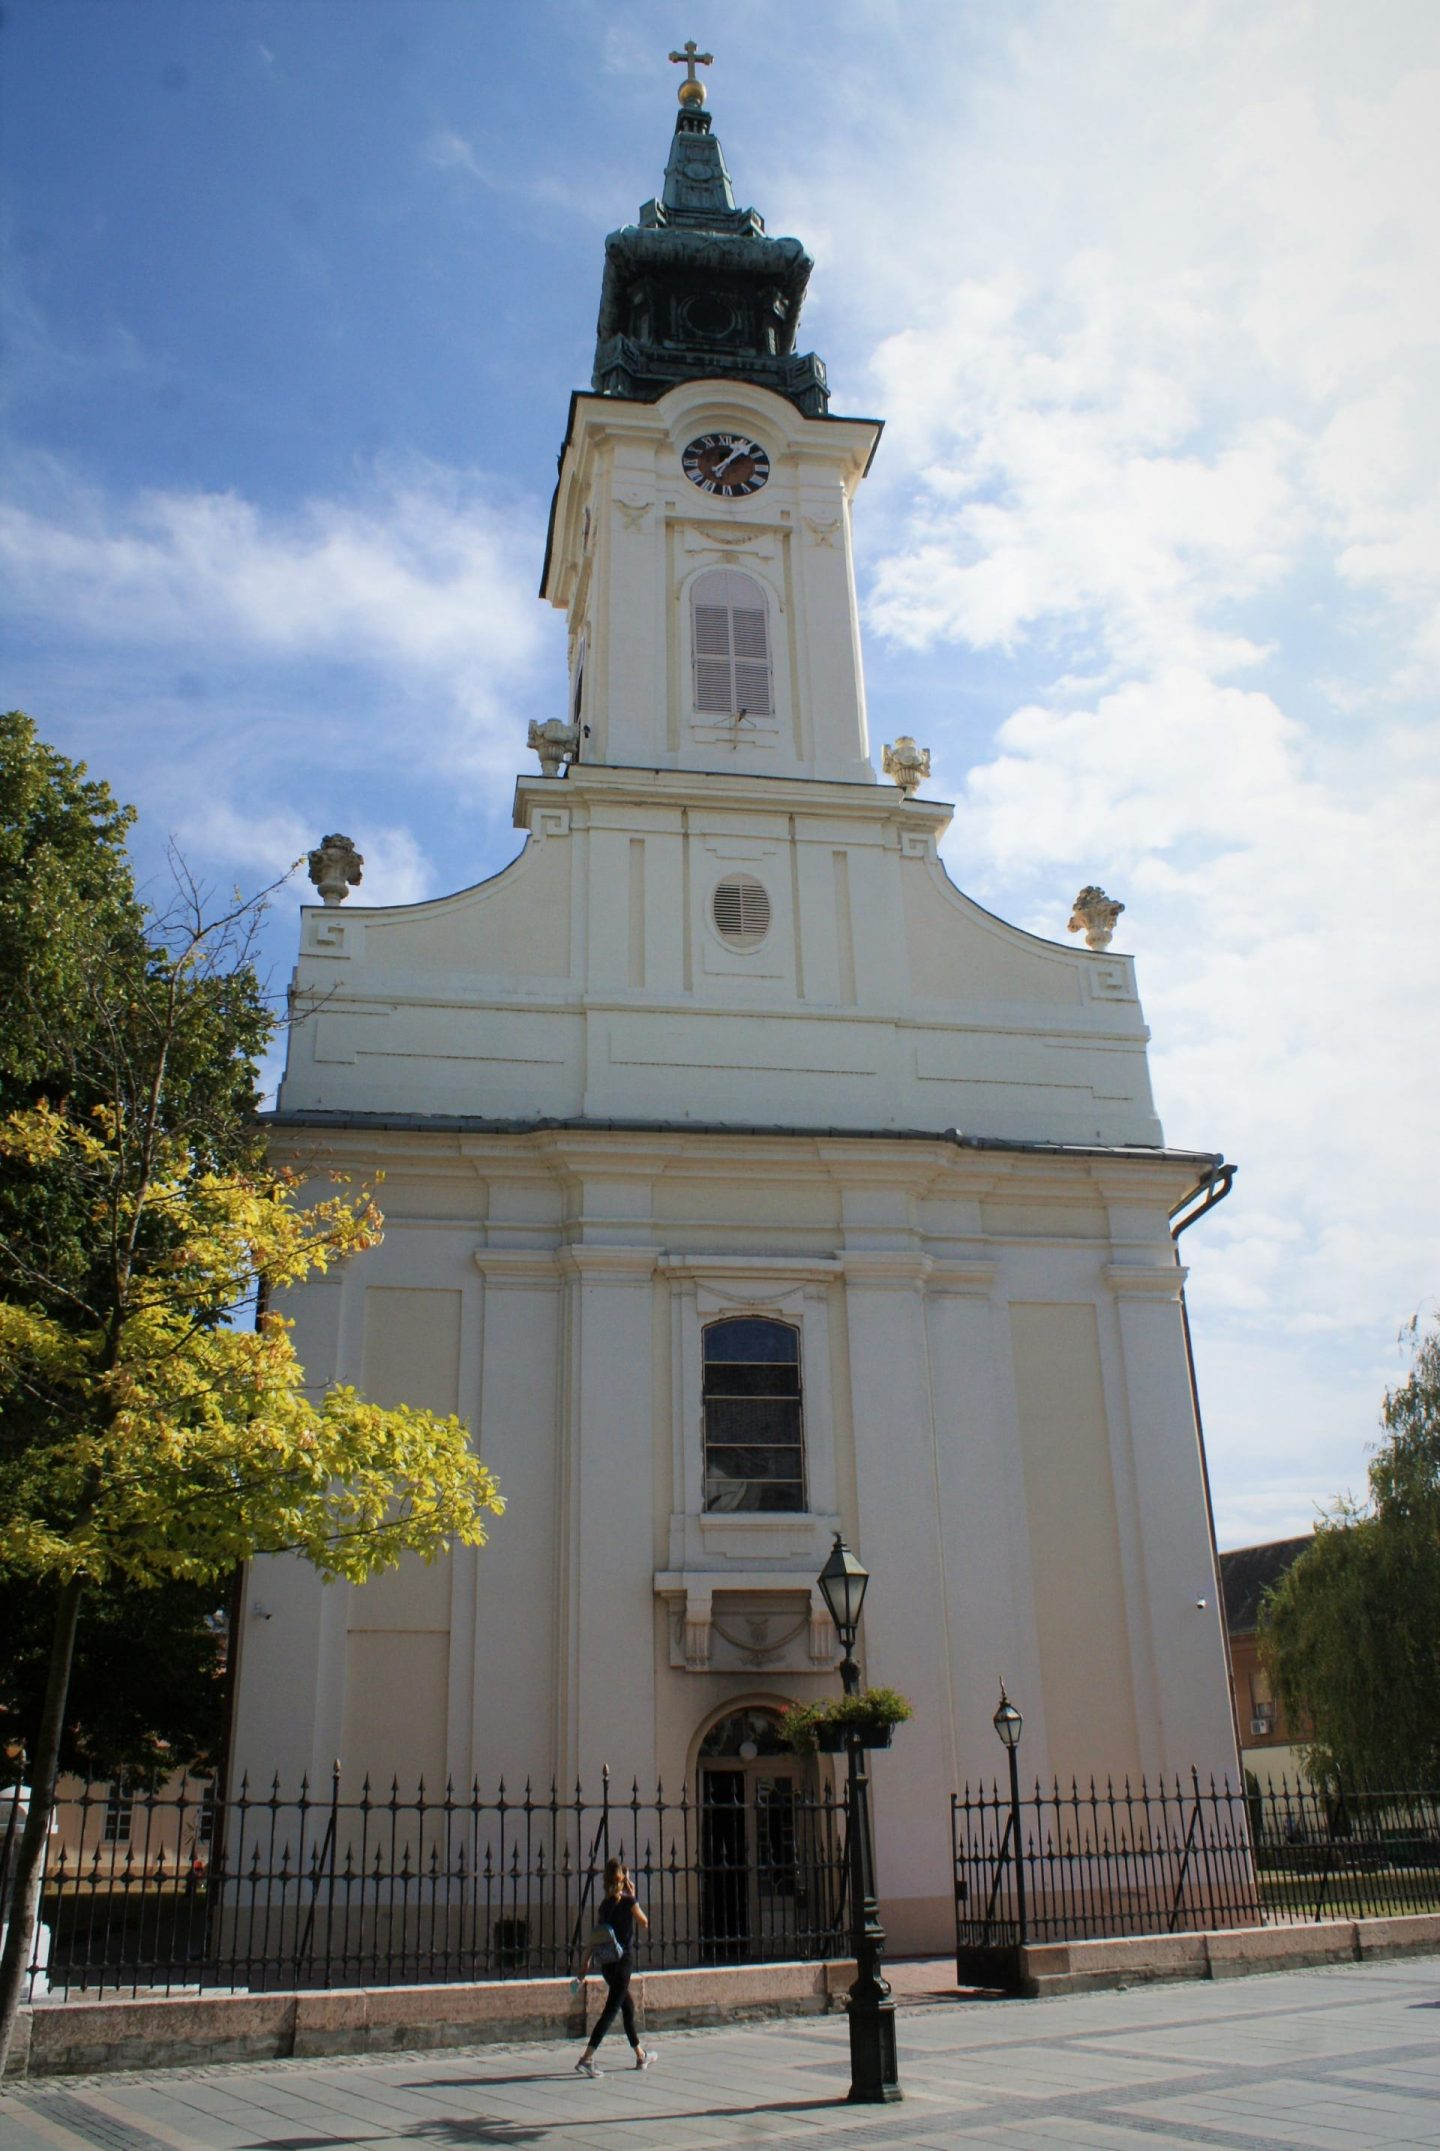 Crkva Svetog velikomučenika Georgija u Somboru © According to Kristina